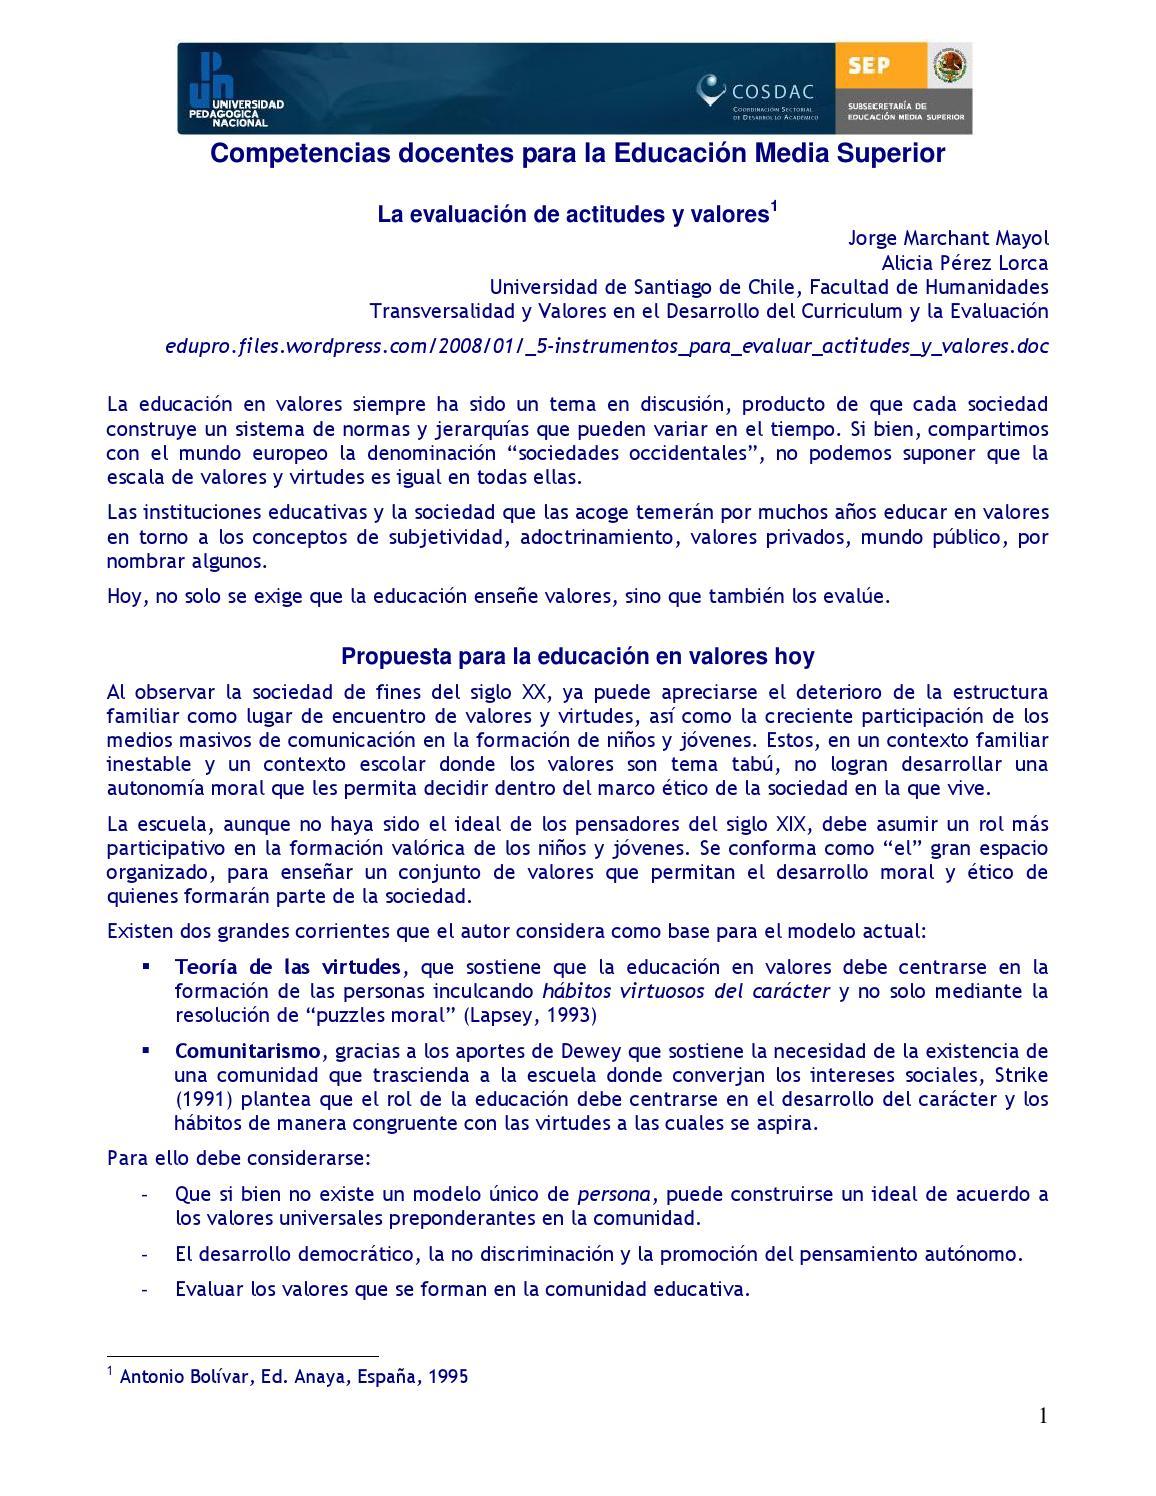 Jmarchant evaluar actitudes by Recursos para la evaluación docente ...